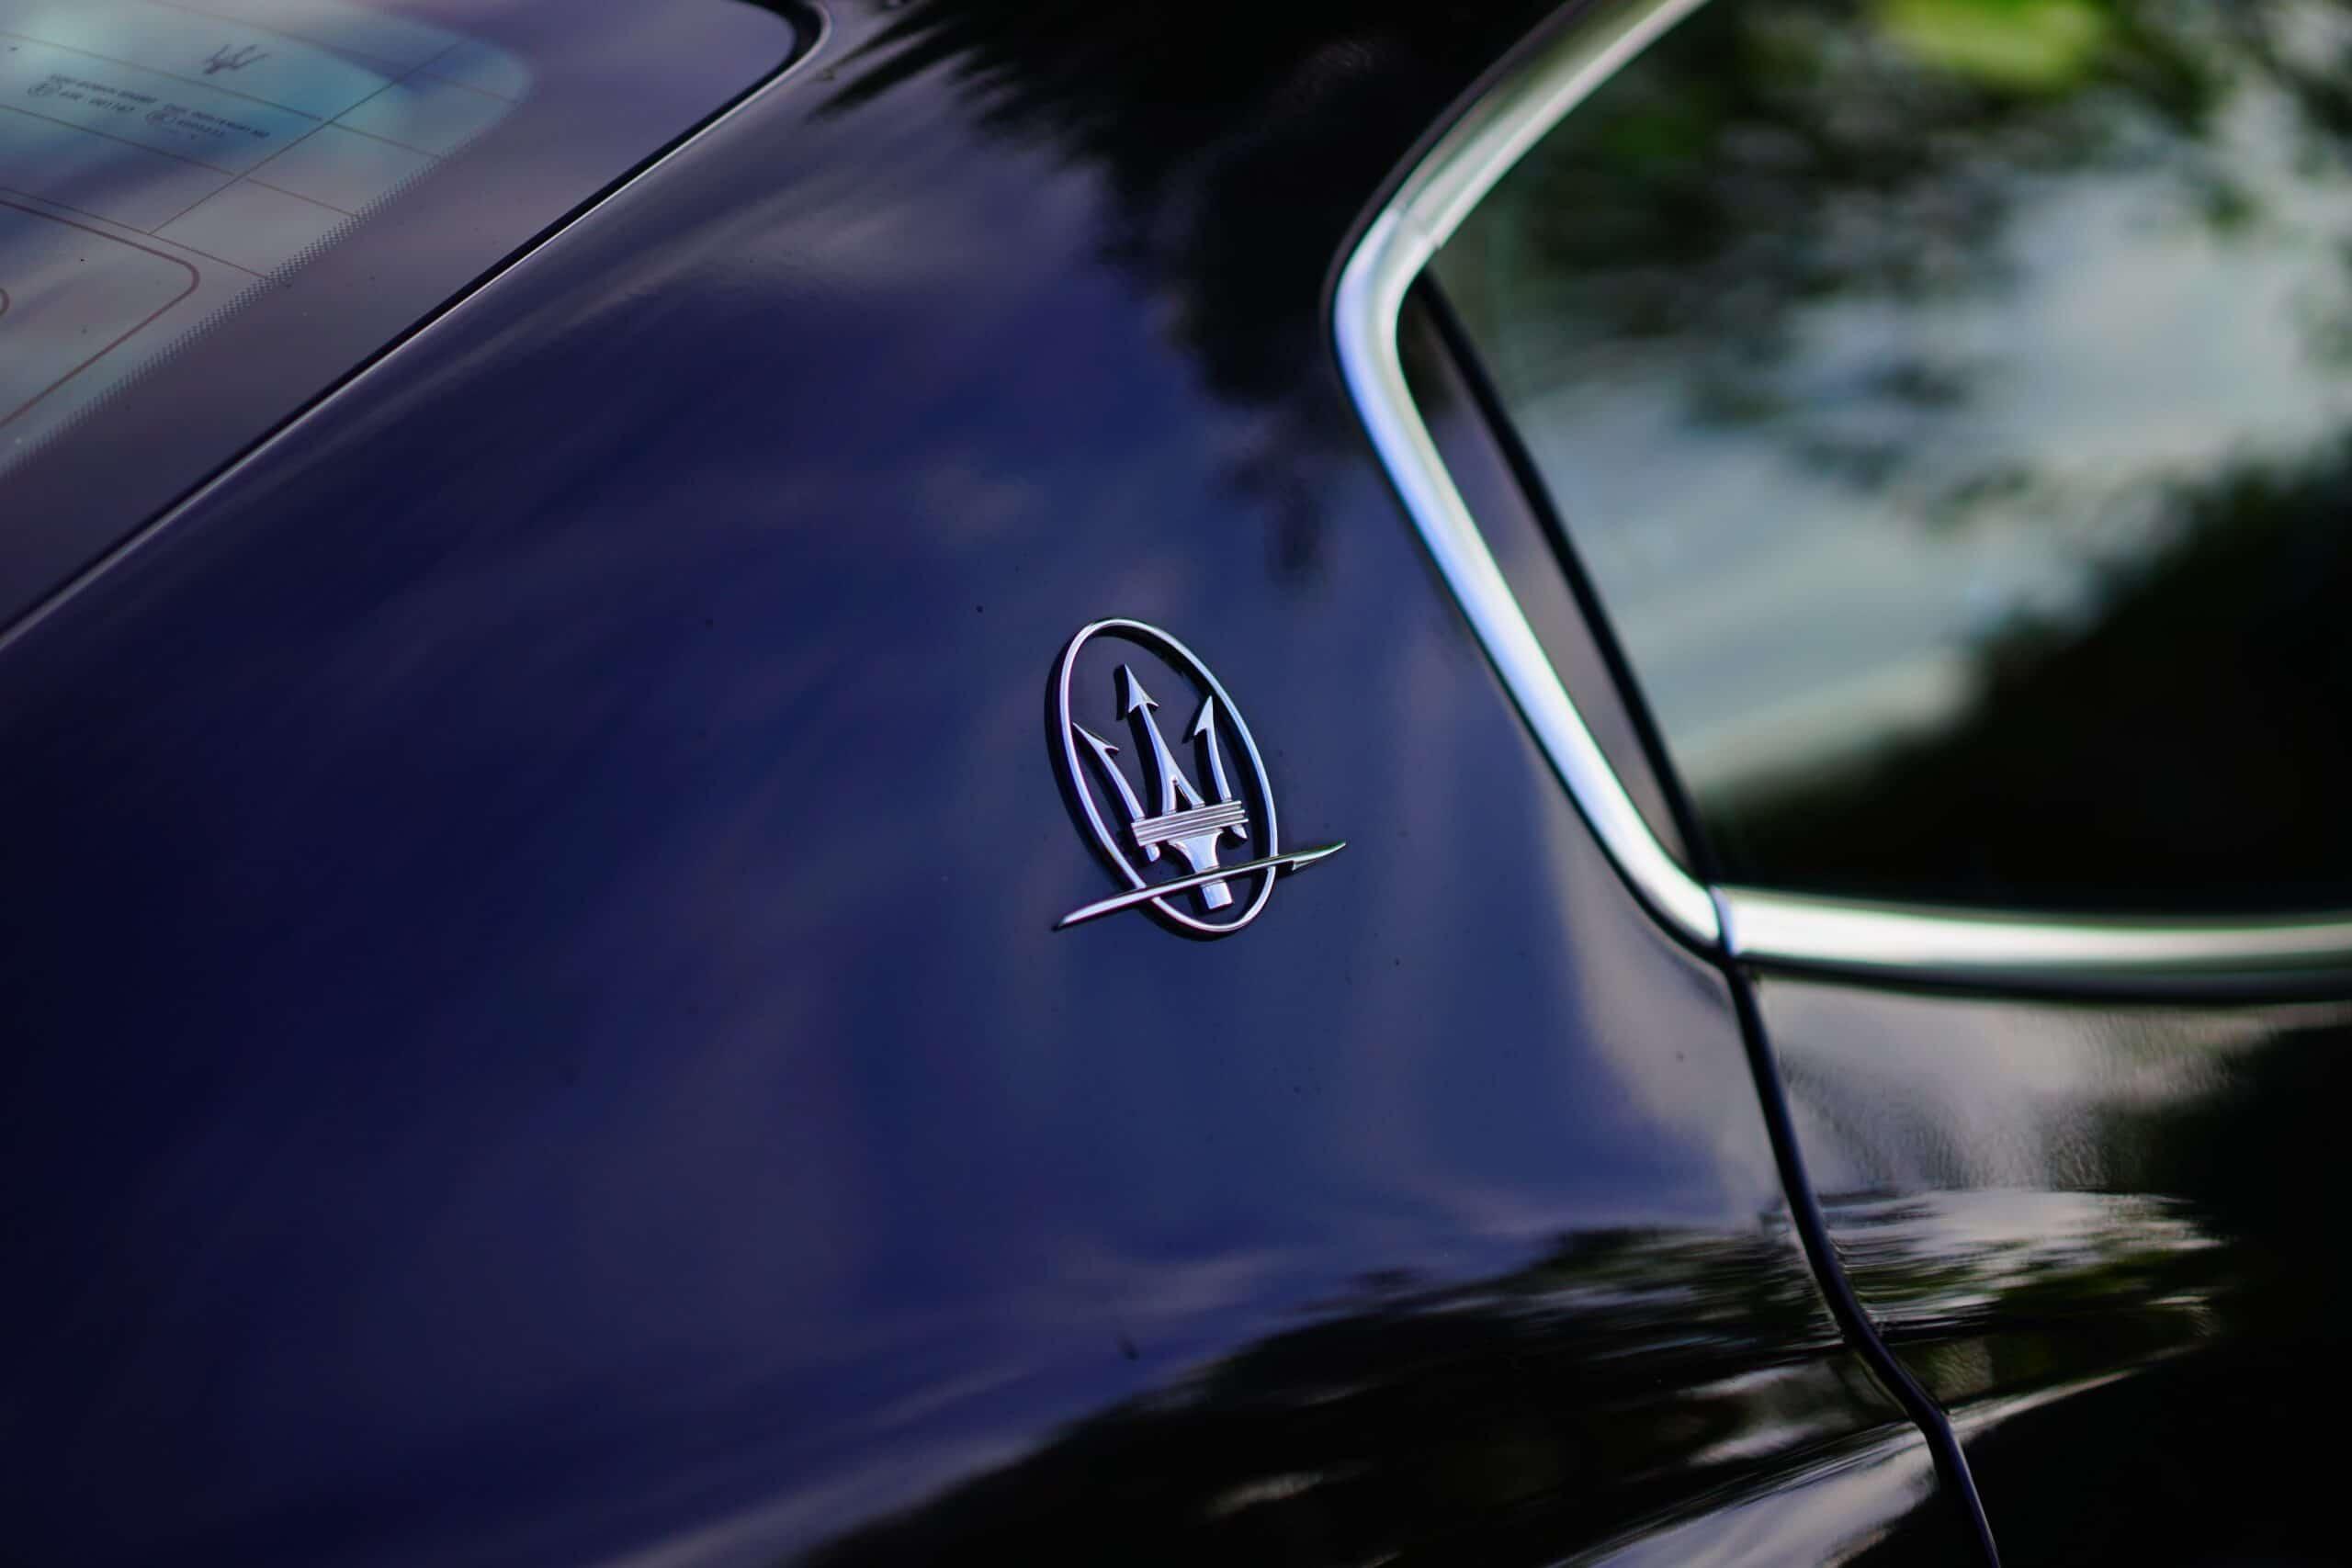 Coluna traseira de Maserati preto. Imagem ilustrativa texto limpar carro em casa Natal.